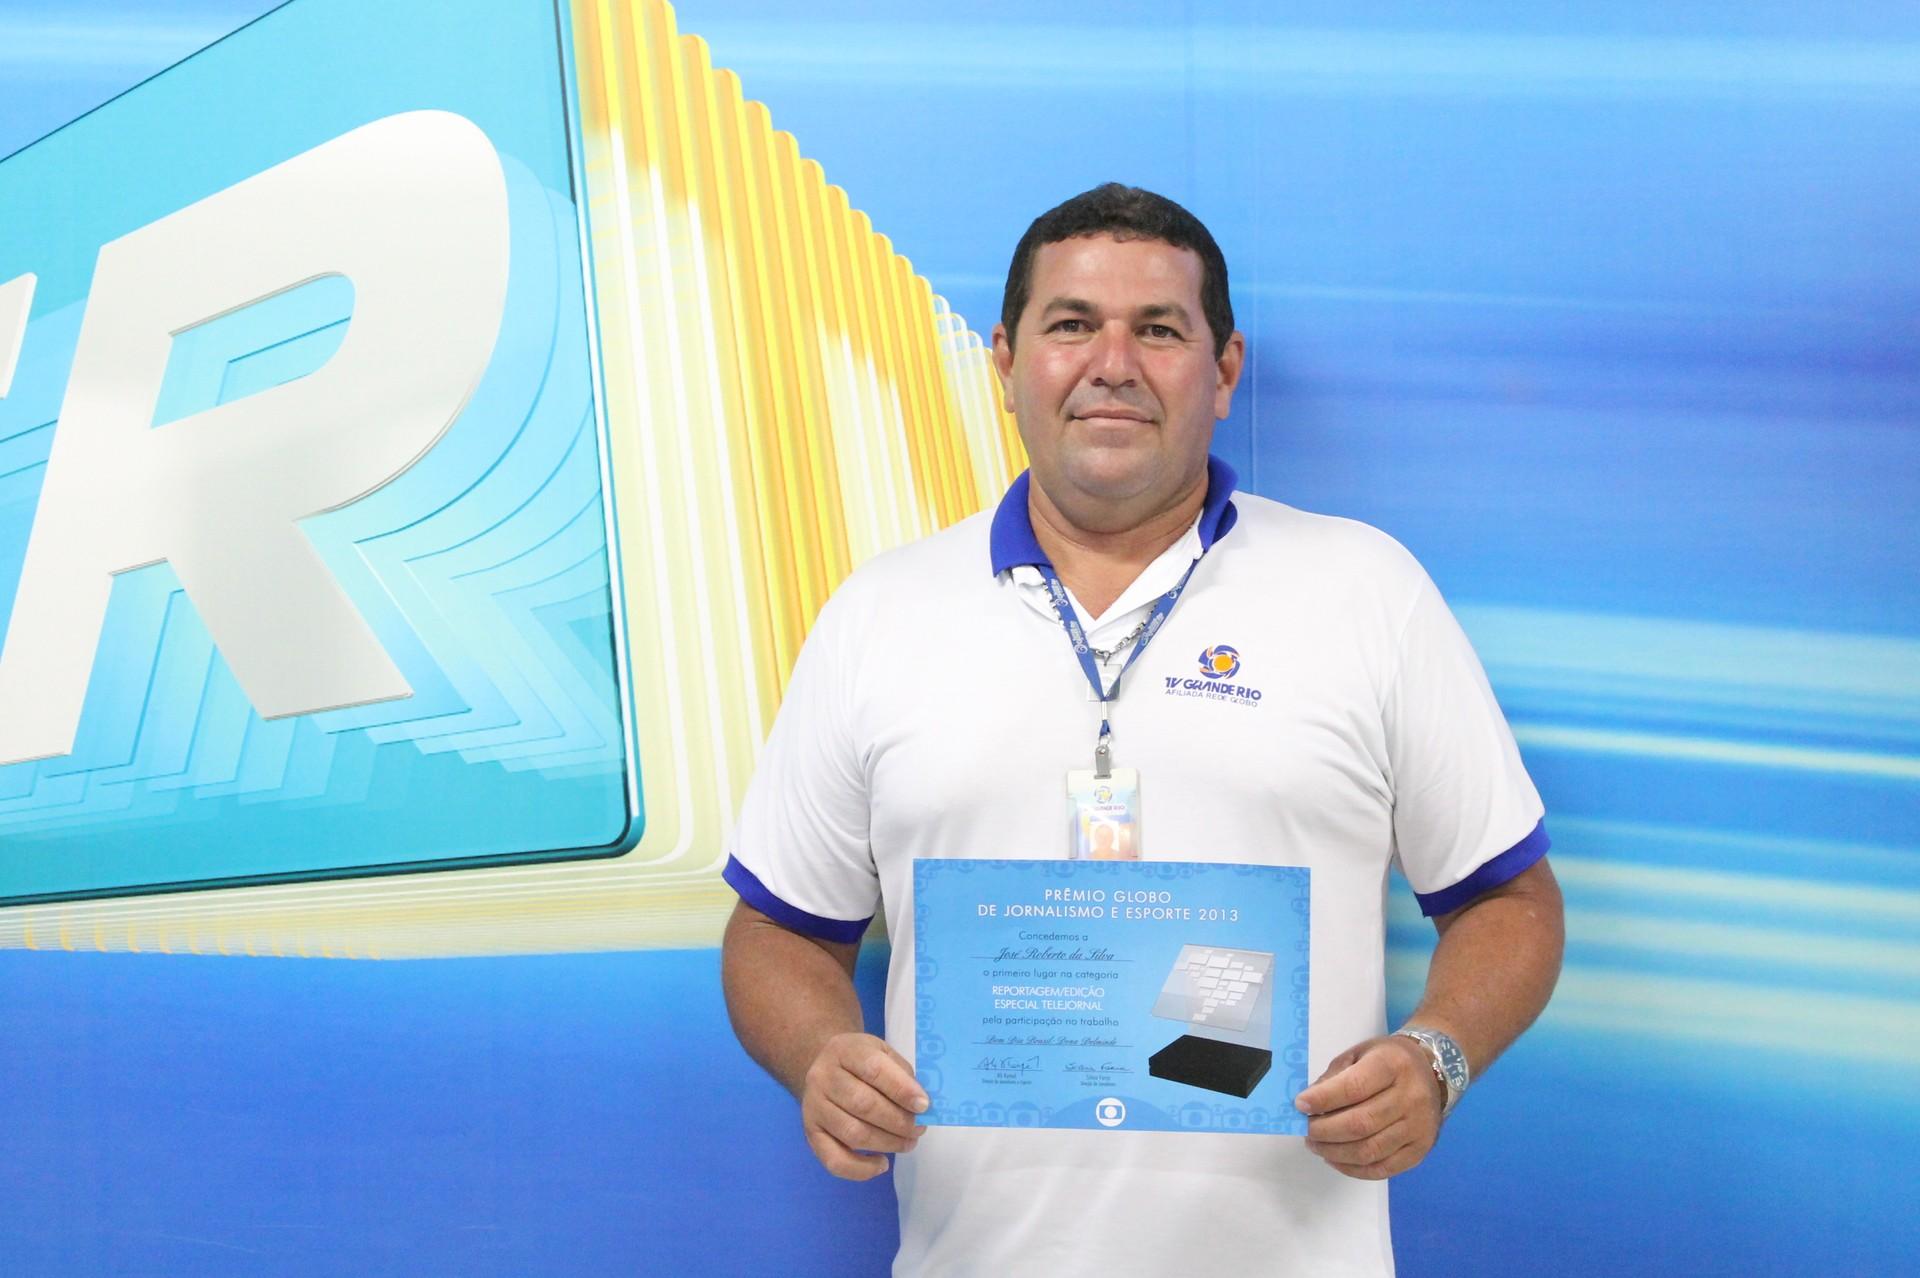 O funcionário José Roberto ganhou o prêmio Globo de Jornalismo e Esporte 2013 (Foto: Gabriela Canário)